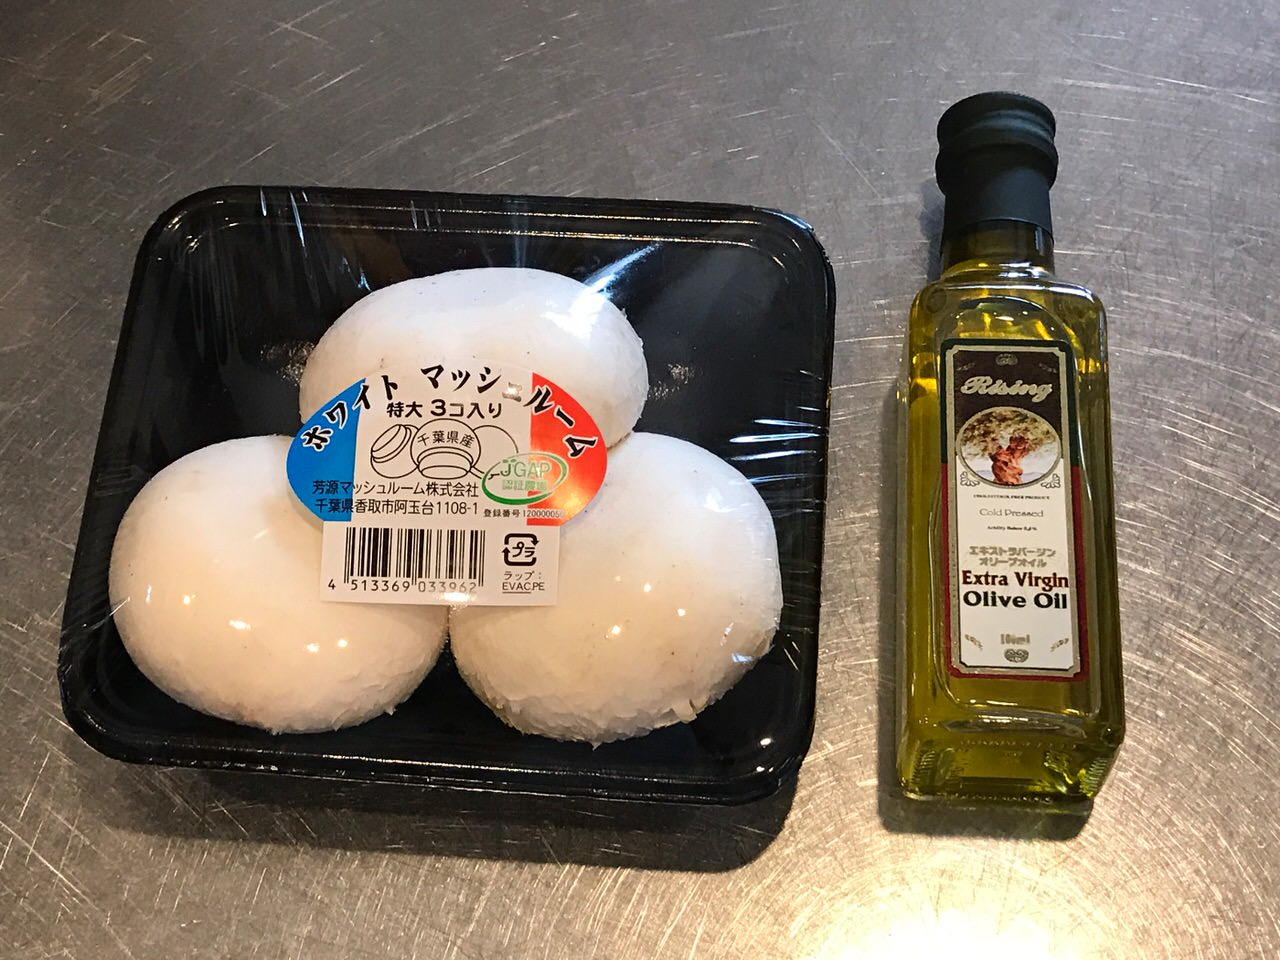 Mashroom oliveoil salt 1572